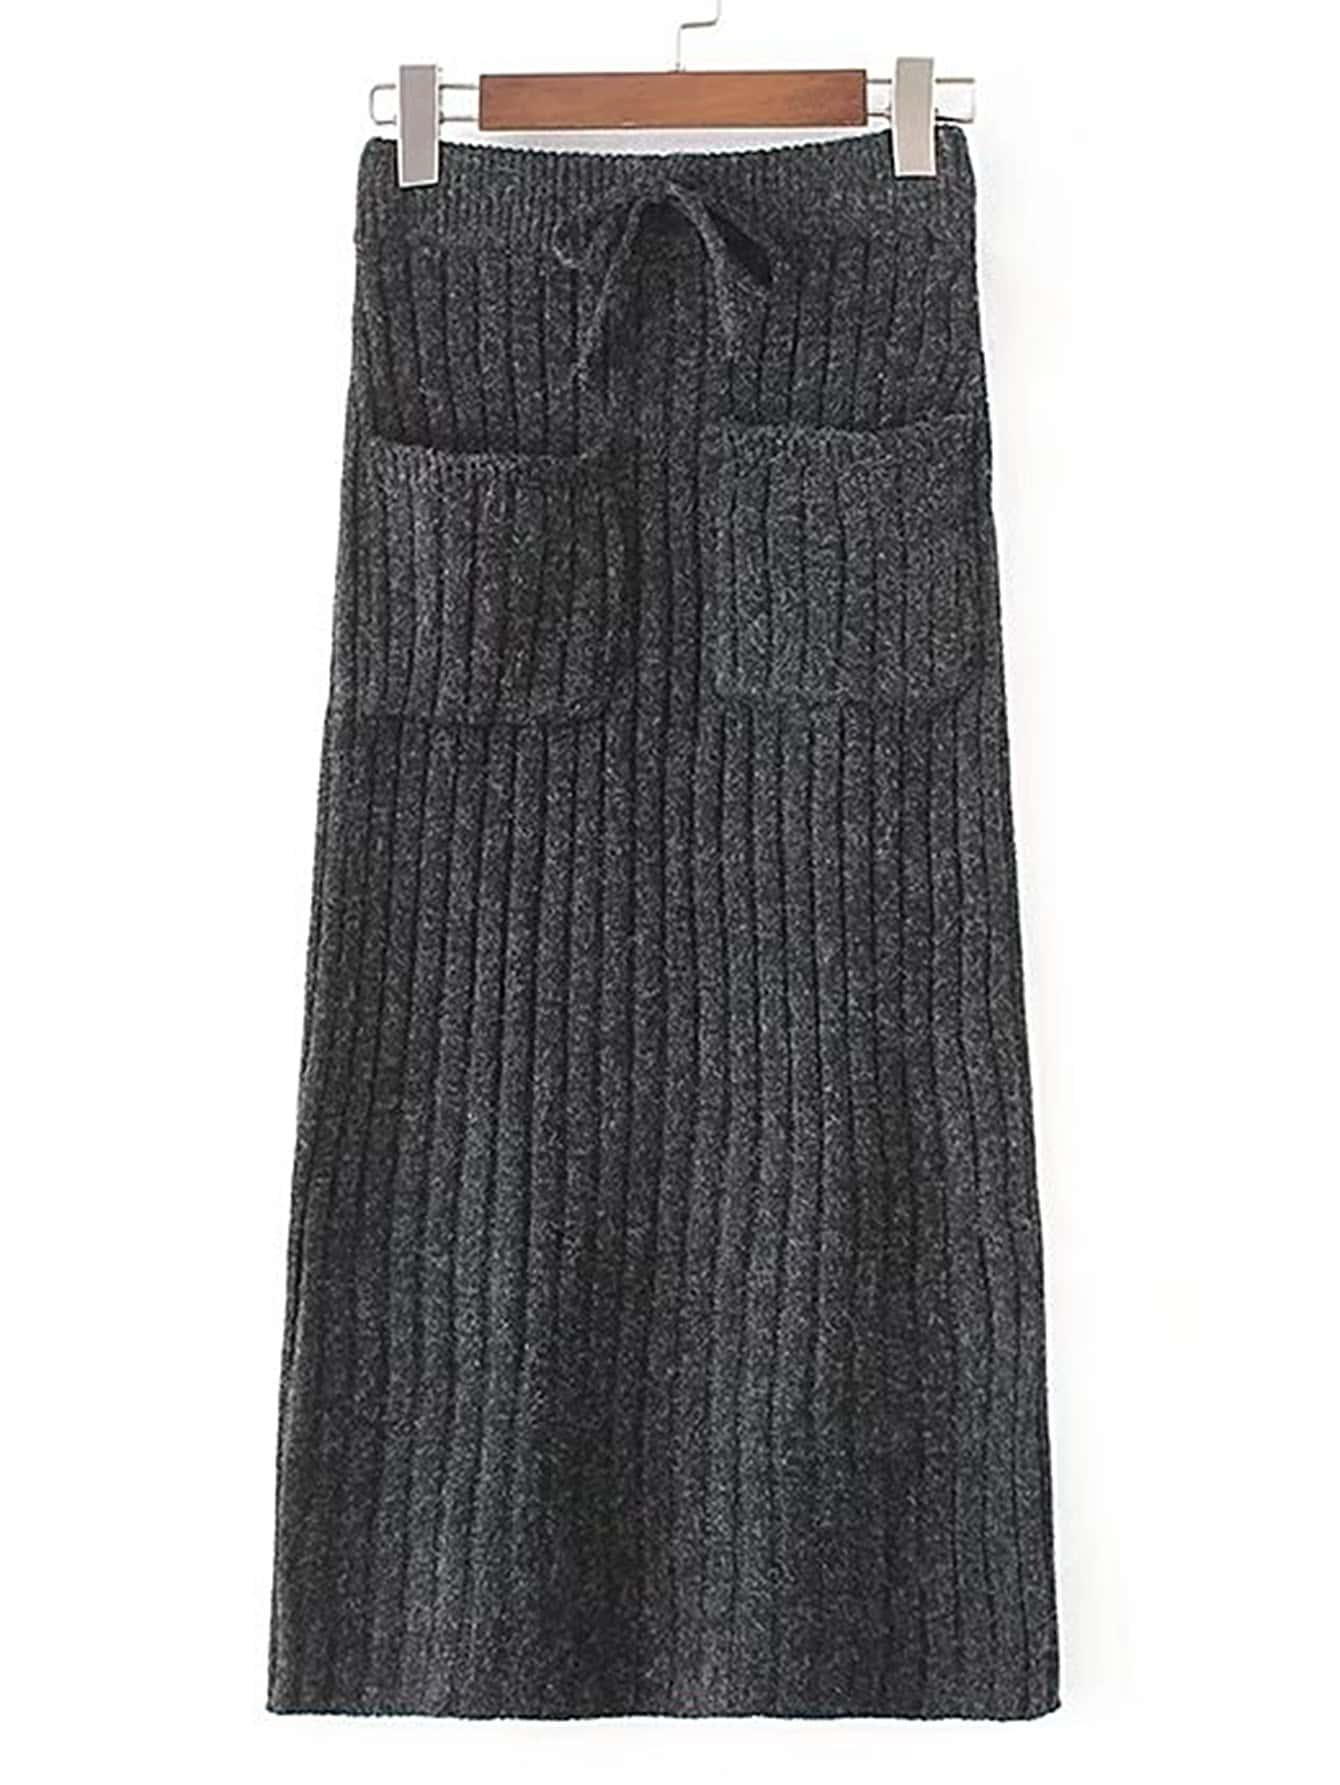 Drawstring Waist Ribbed Knit Skirt skirt170717202